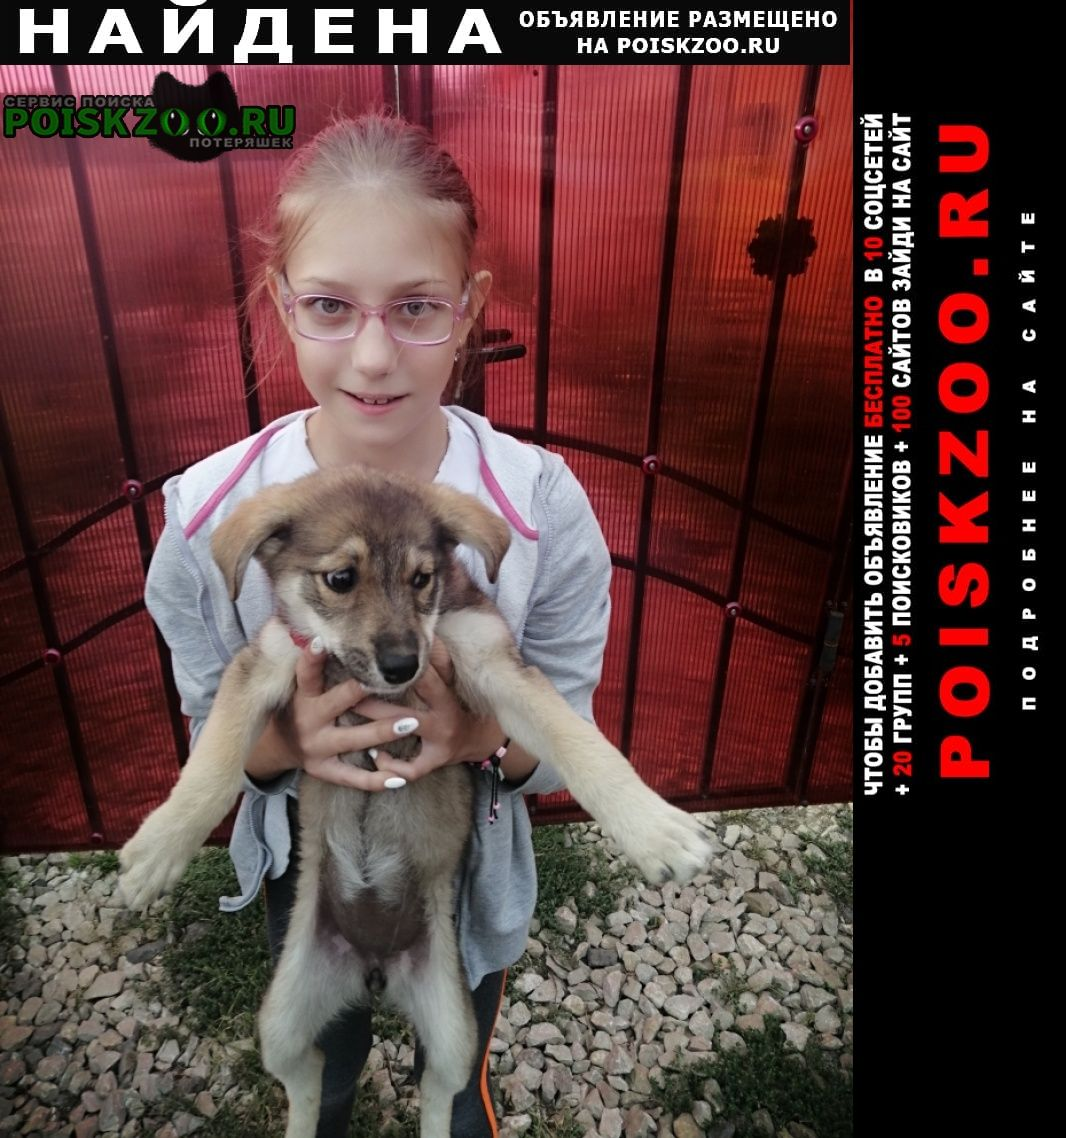 Найдена собака Калуга